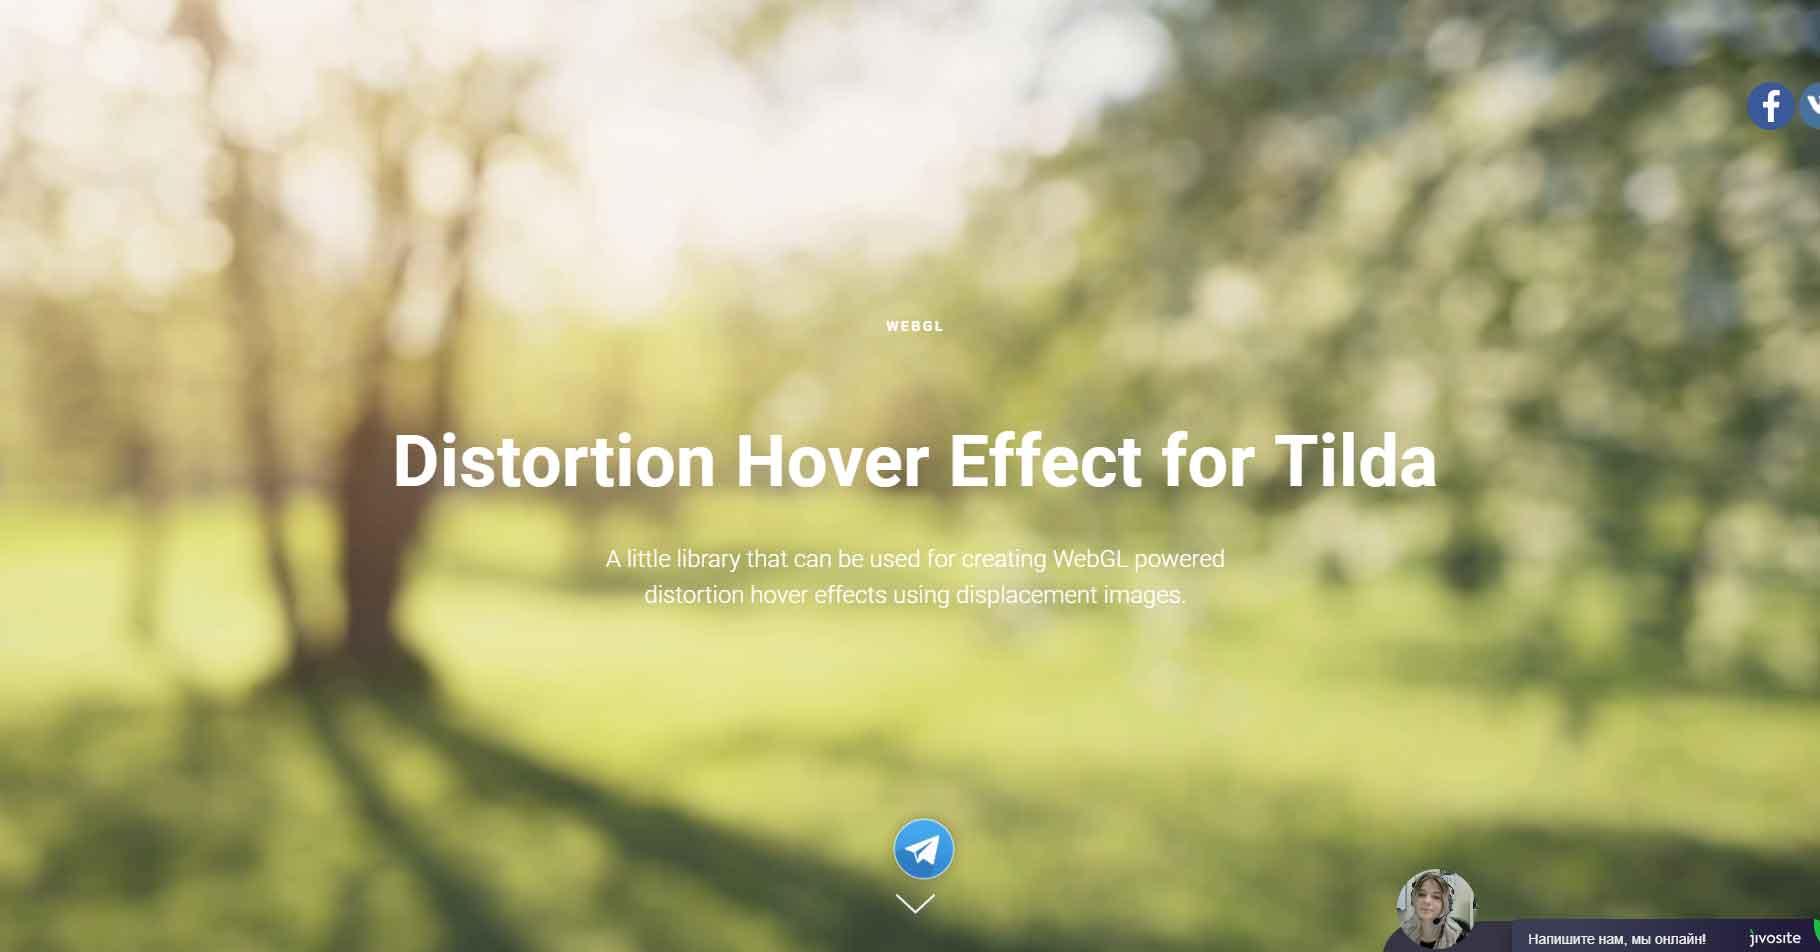 Как сделать Distortion Hover Effect для изображений в Tilda